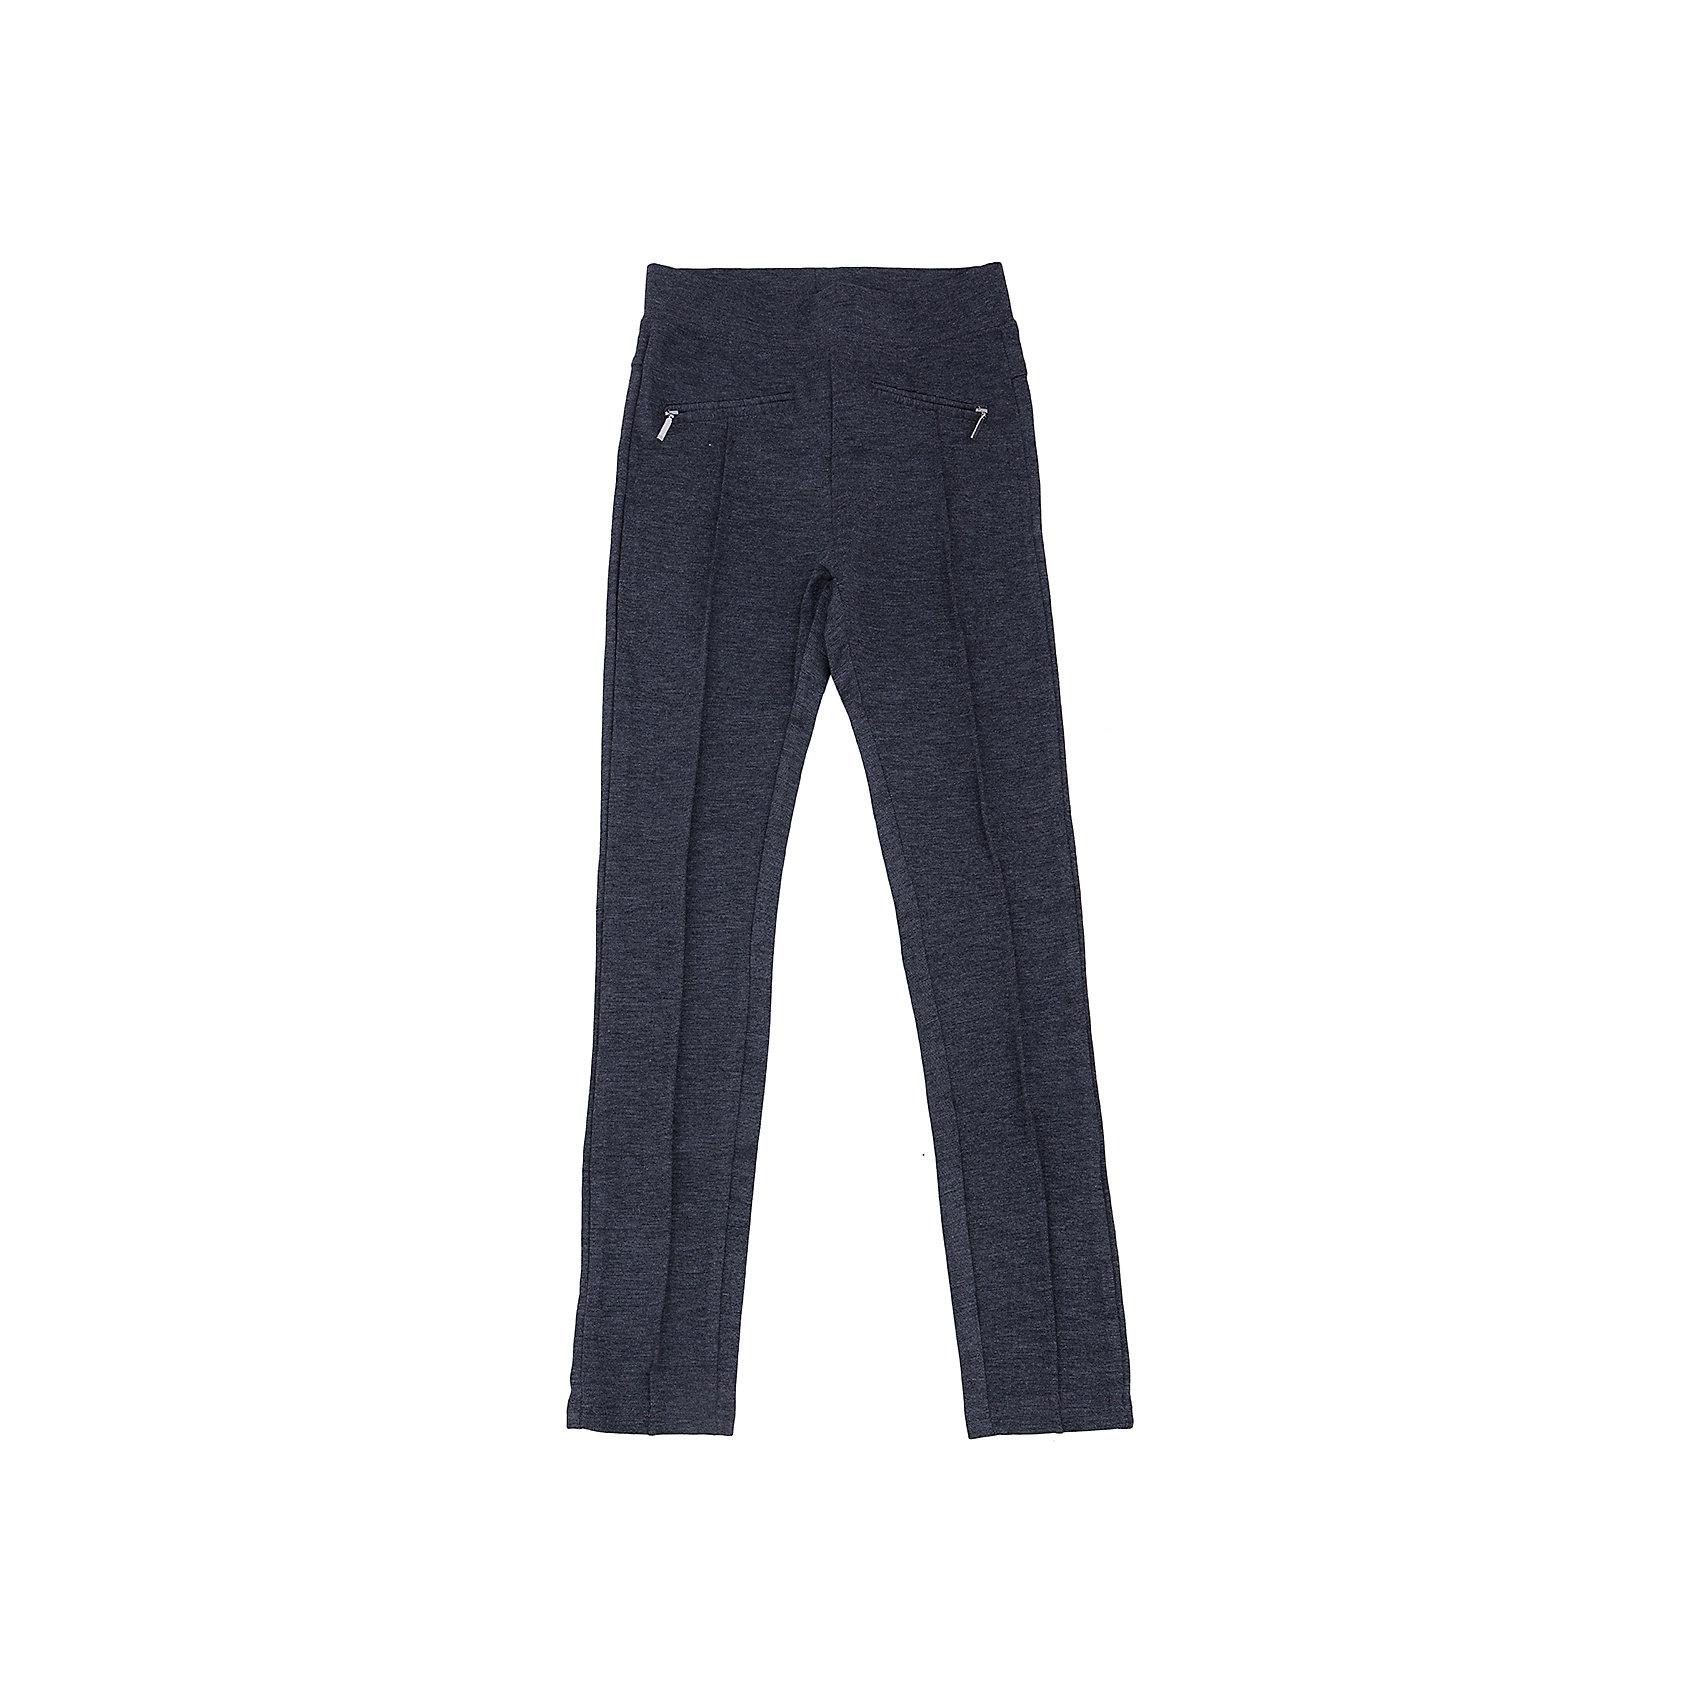 Брюки для девочки LuminosoБрюки<br>Брюки для девочки от известного бренда Luminoso<br>Стильные брюки прямого покроя с декоративными рельефными  стрелками и молниям. Модель выполнена из эластичного трикотажа высокого качества, в пояс вст<br>Состав:<br>65% хлопок, 30% полиэстер,  5% эластан<br><br>Ширина мм: 215<br>Глубина мм: 88<br>Высота мм: 191<br>Вес г: 336<br>Цвет: серый<br>Возраст от месяцев: 84<br>Возраст до месяцев: 96<br>Пол: Женский<br>Возраст: Детский<br>Размер: 128,134,140,146,152,158,164<br>SKU: 4728965